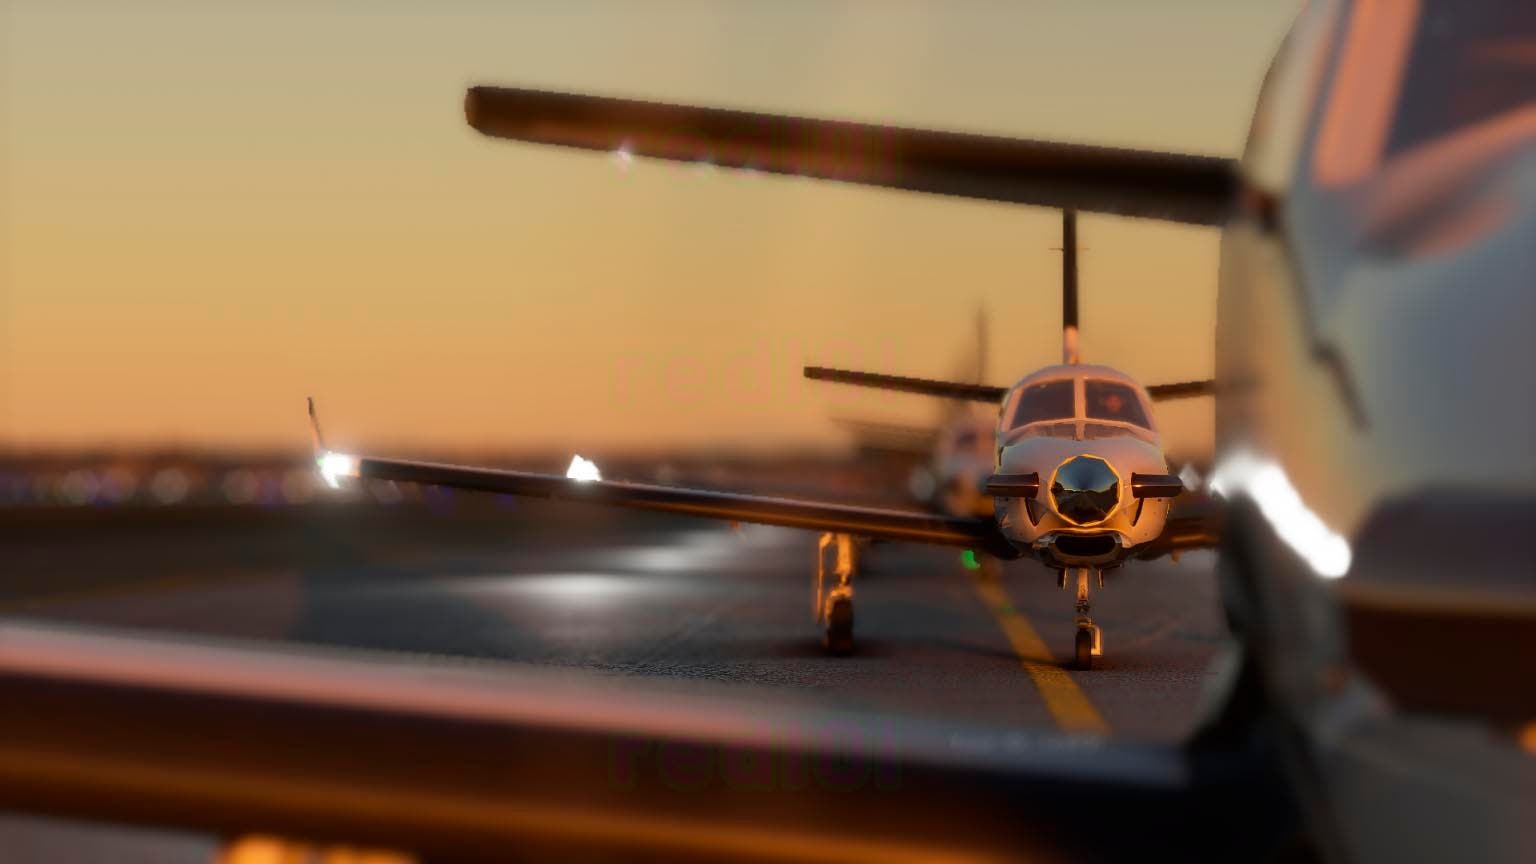 Microsoft Flight Simulator descubre nuevas imágenes compartidas por la comunidad 7